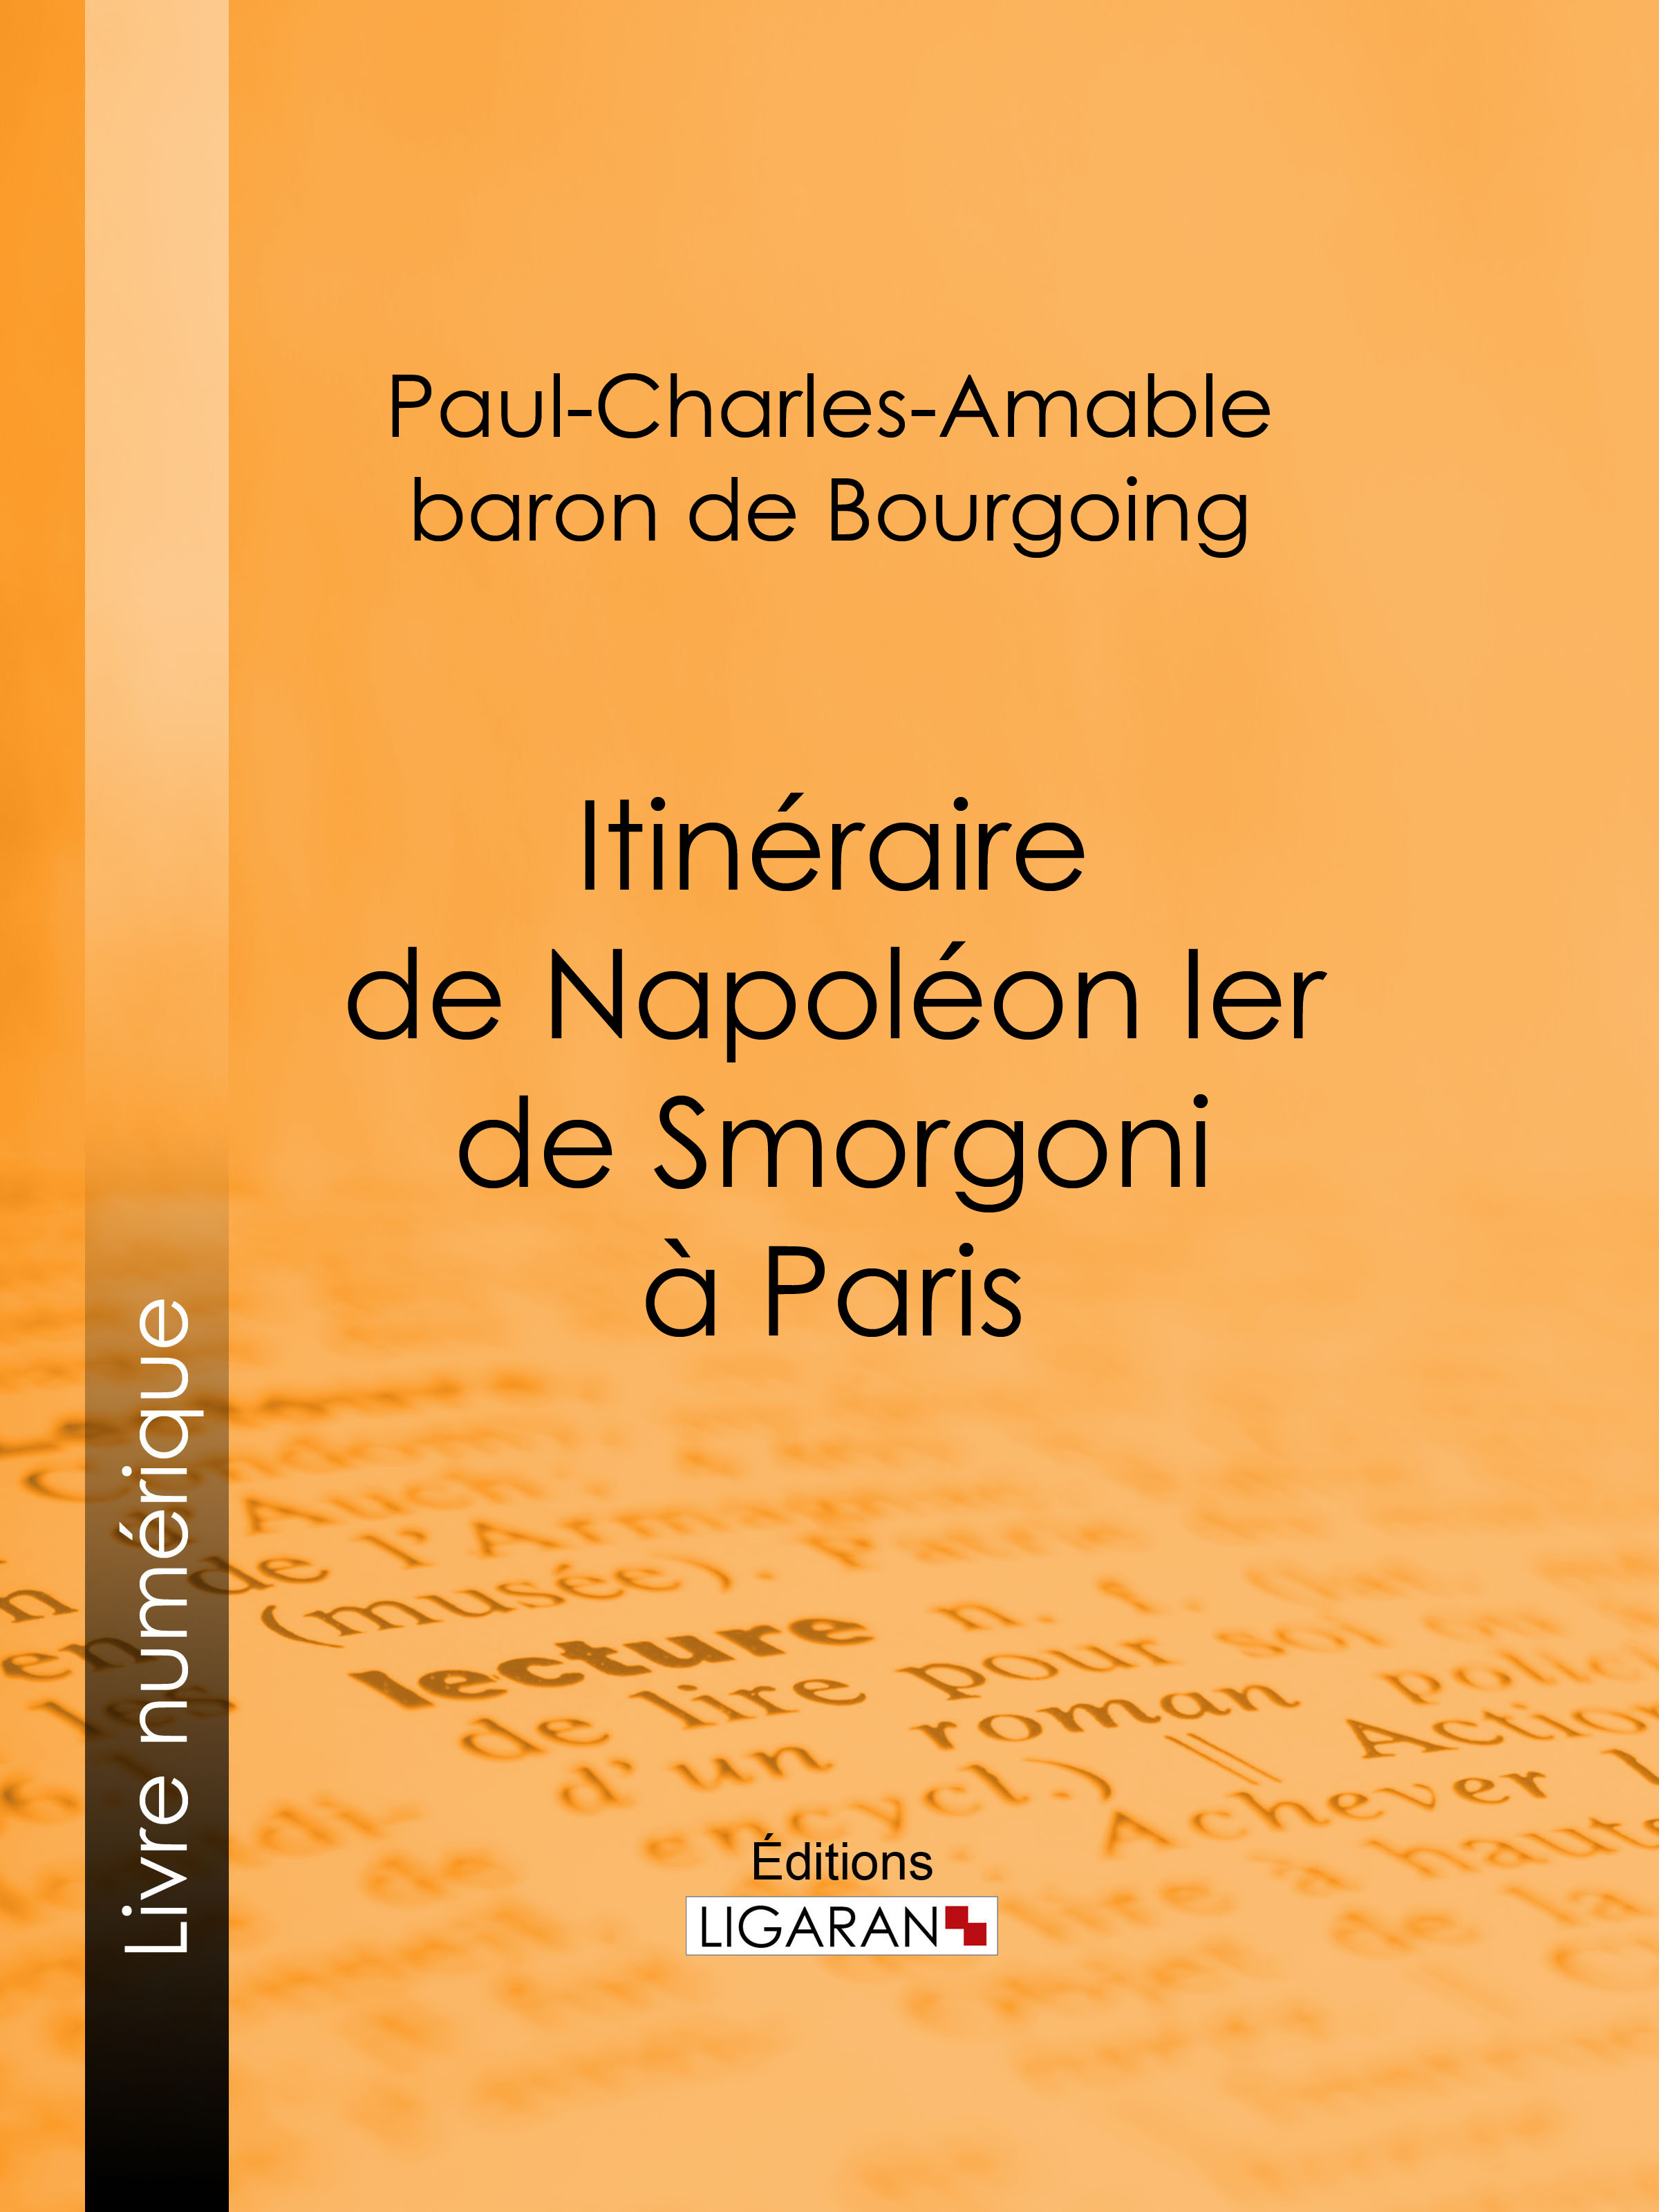 Itinéraire de Napoléon Ier de Smorgoni à Paris